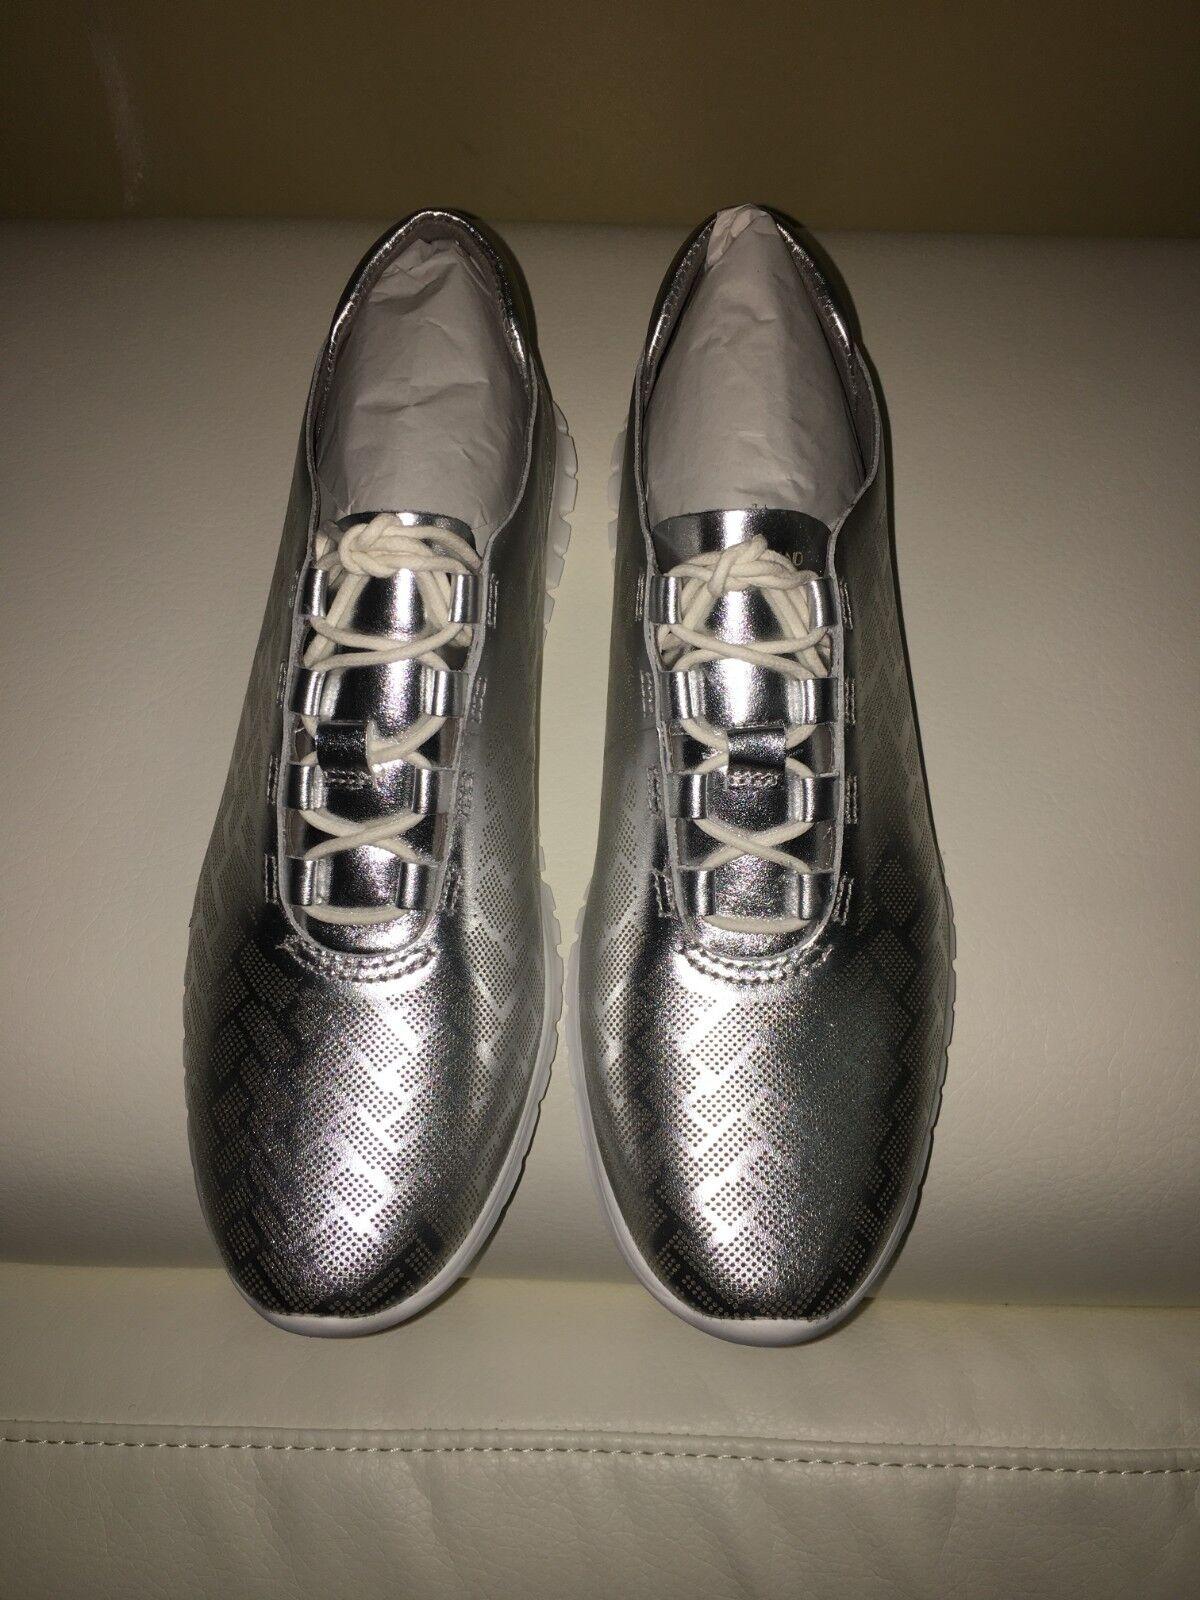 NIB NIB NIB Women's Cole Haan Silver Leather Lightweight Fashion Trainers 9.5 744add